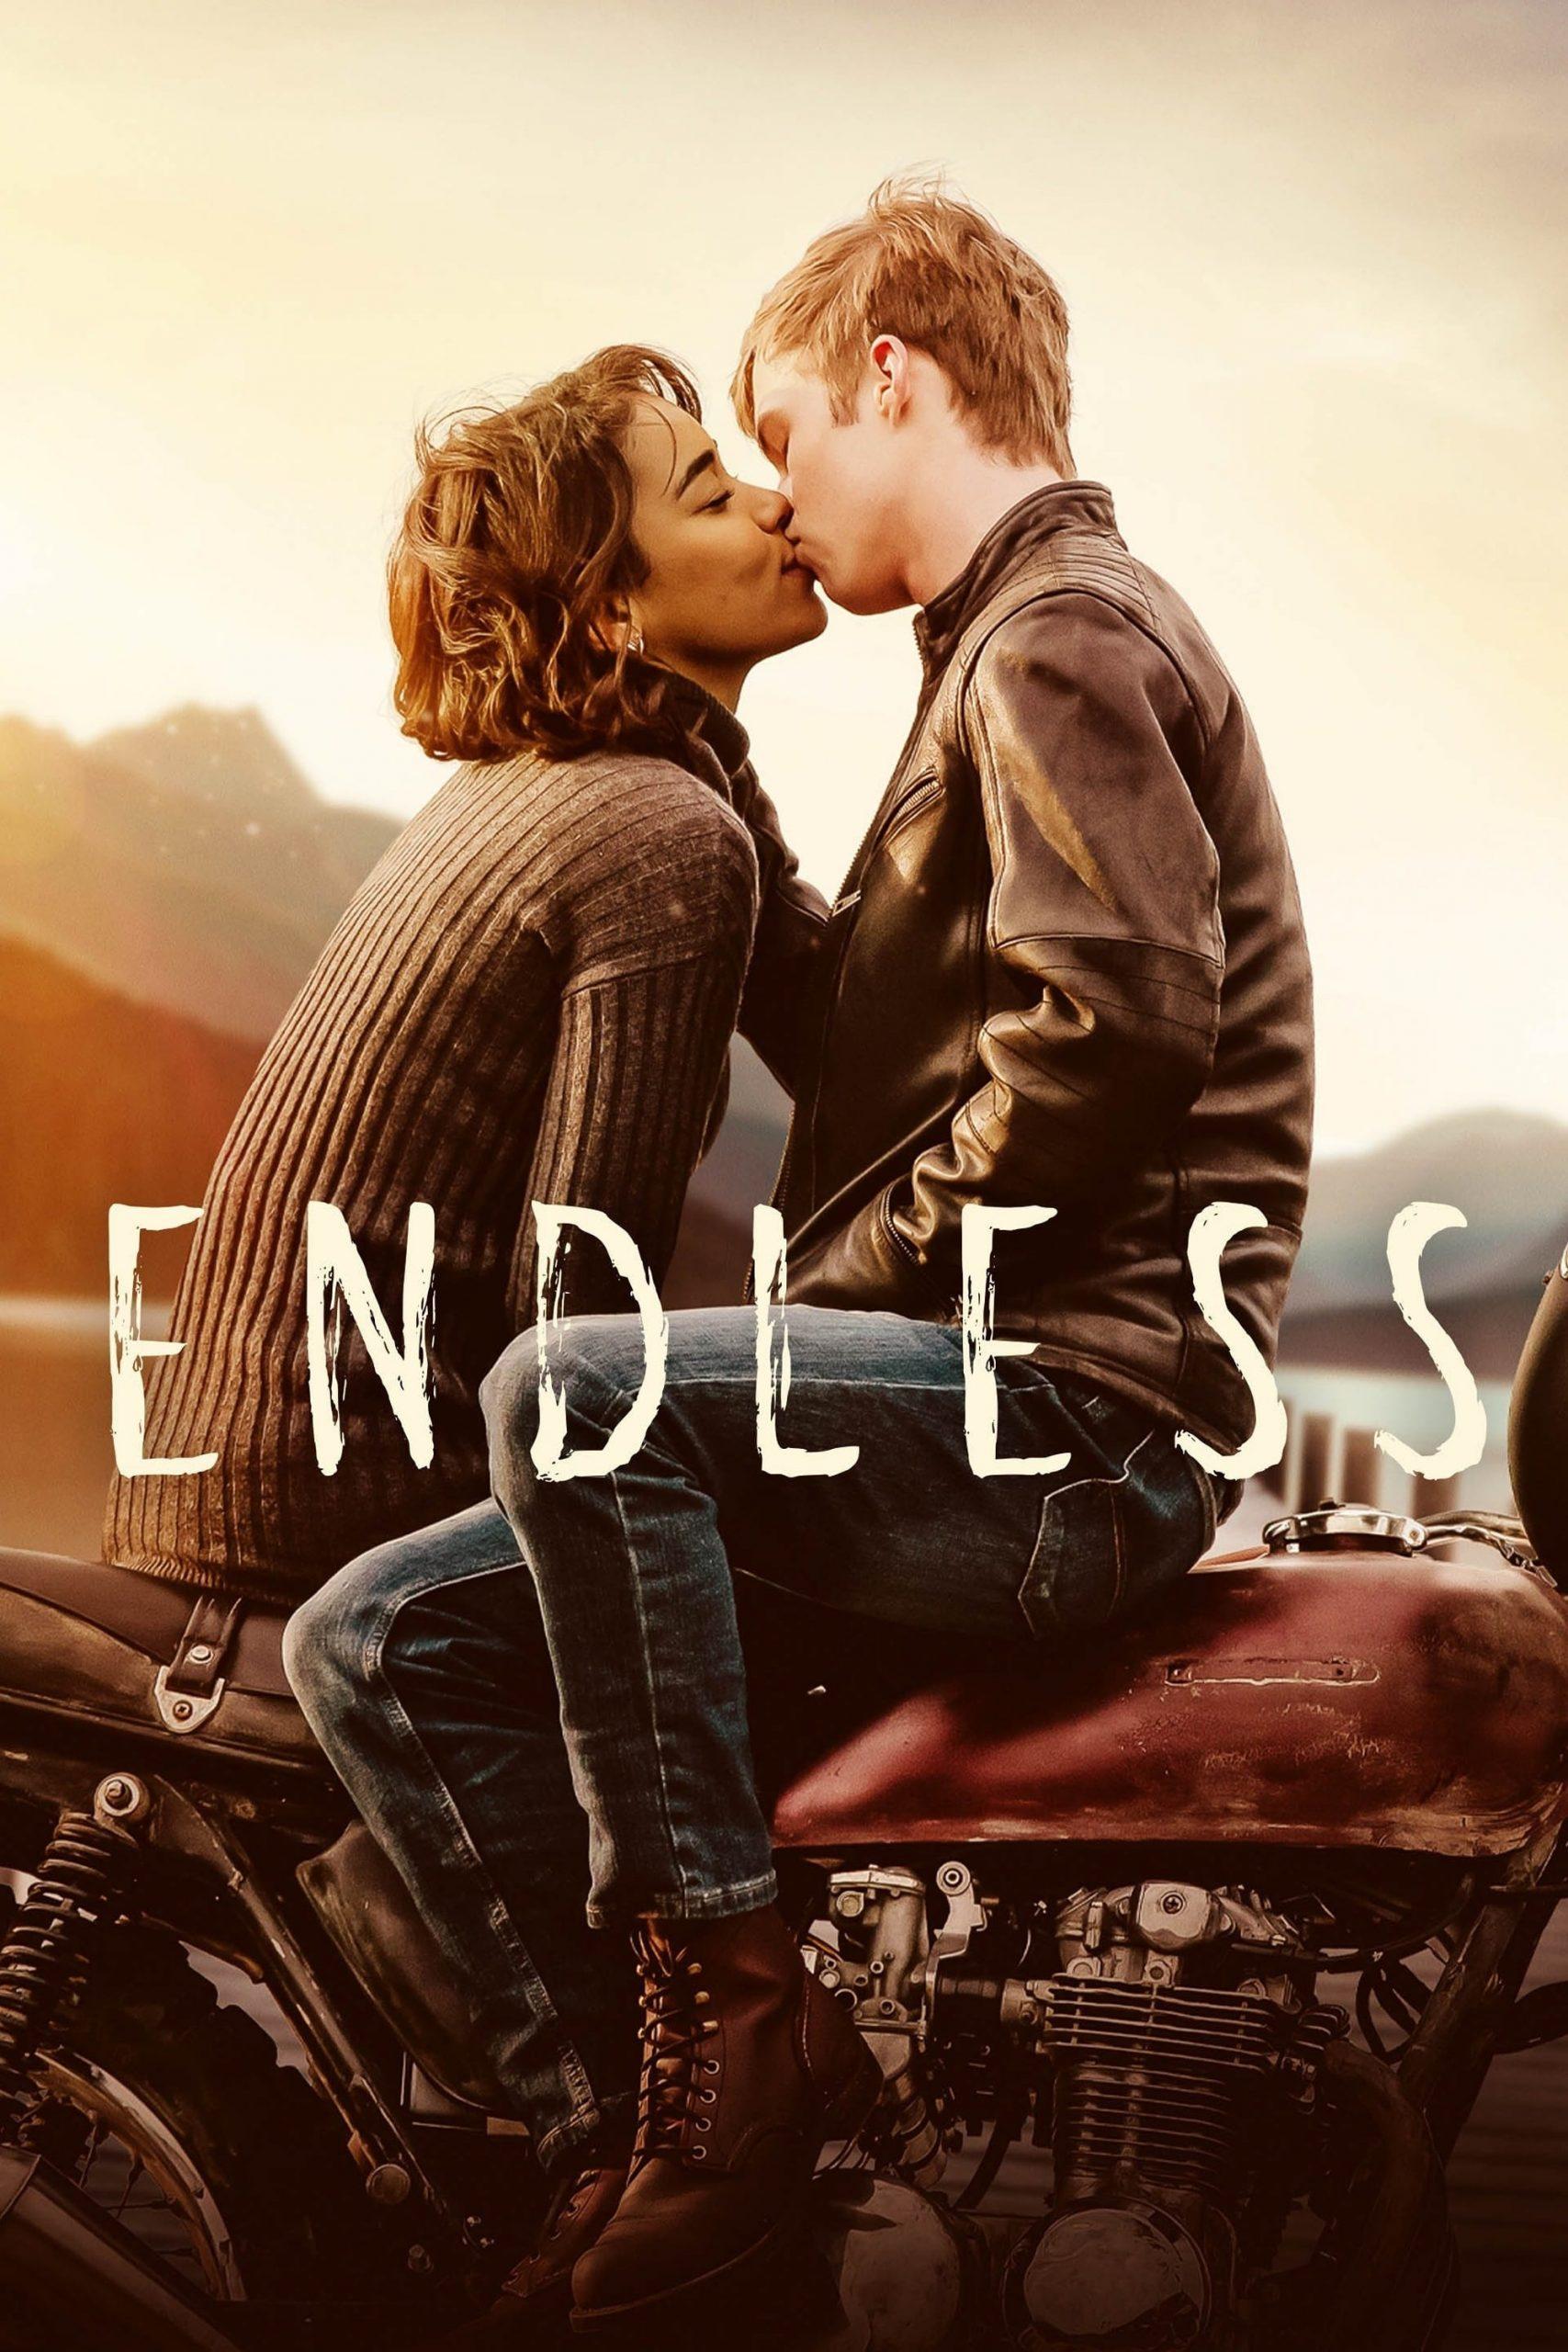 دانلود فیلم Endless 2020